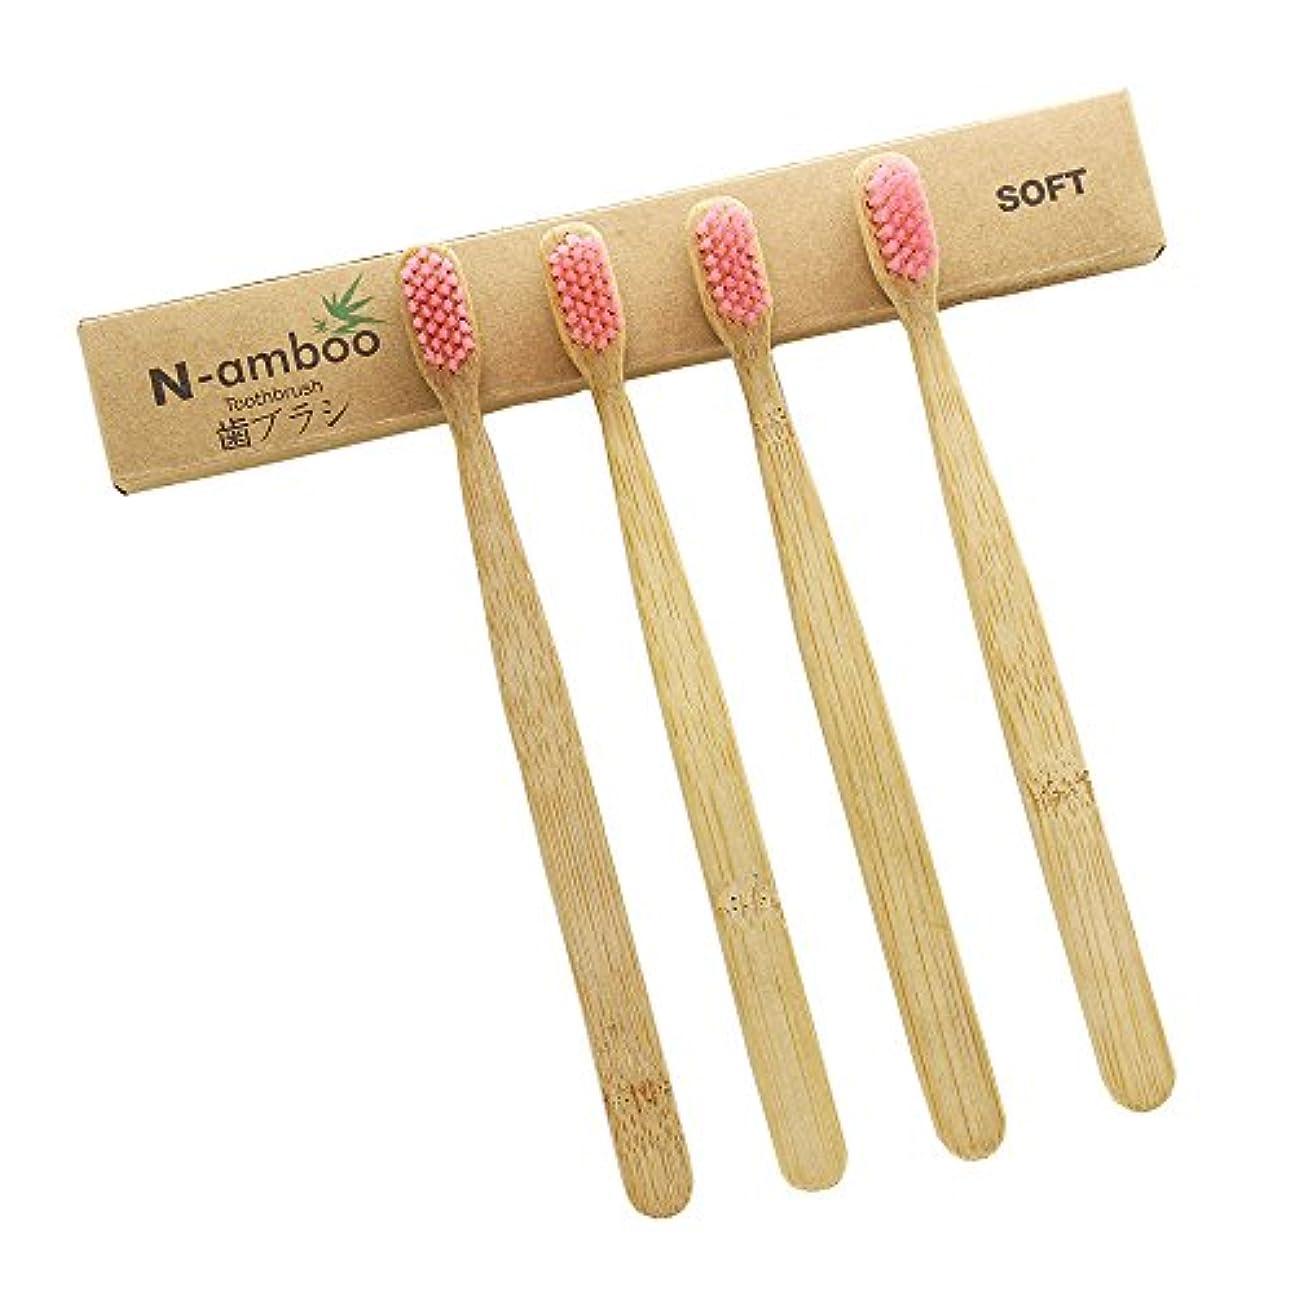 キネマティクス呼びかける眉をひそめるN-amboo 竹製 歯ブラシ 高耐久性 ピンク エコ 色あざやか (4本)